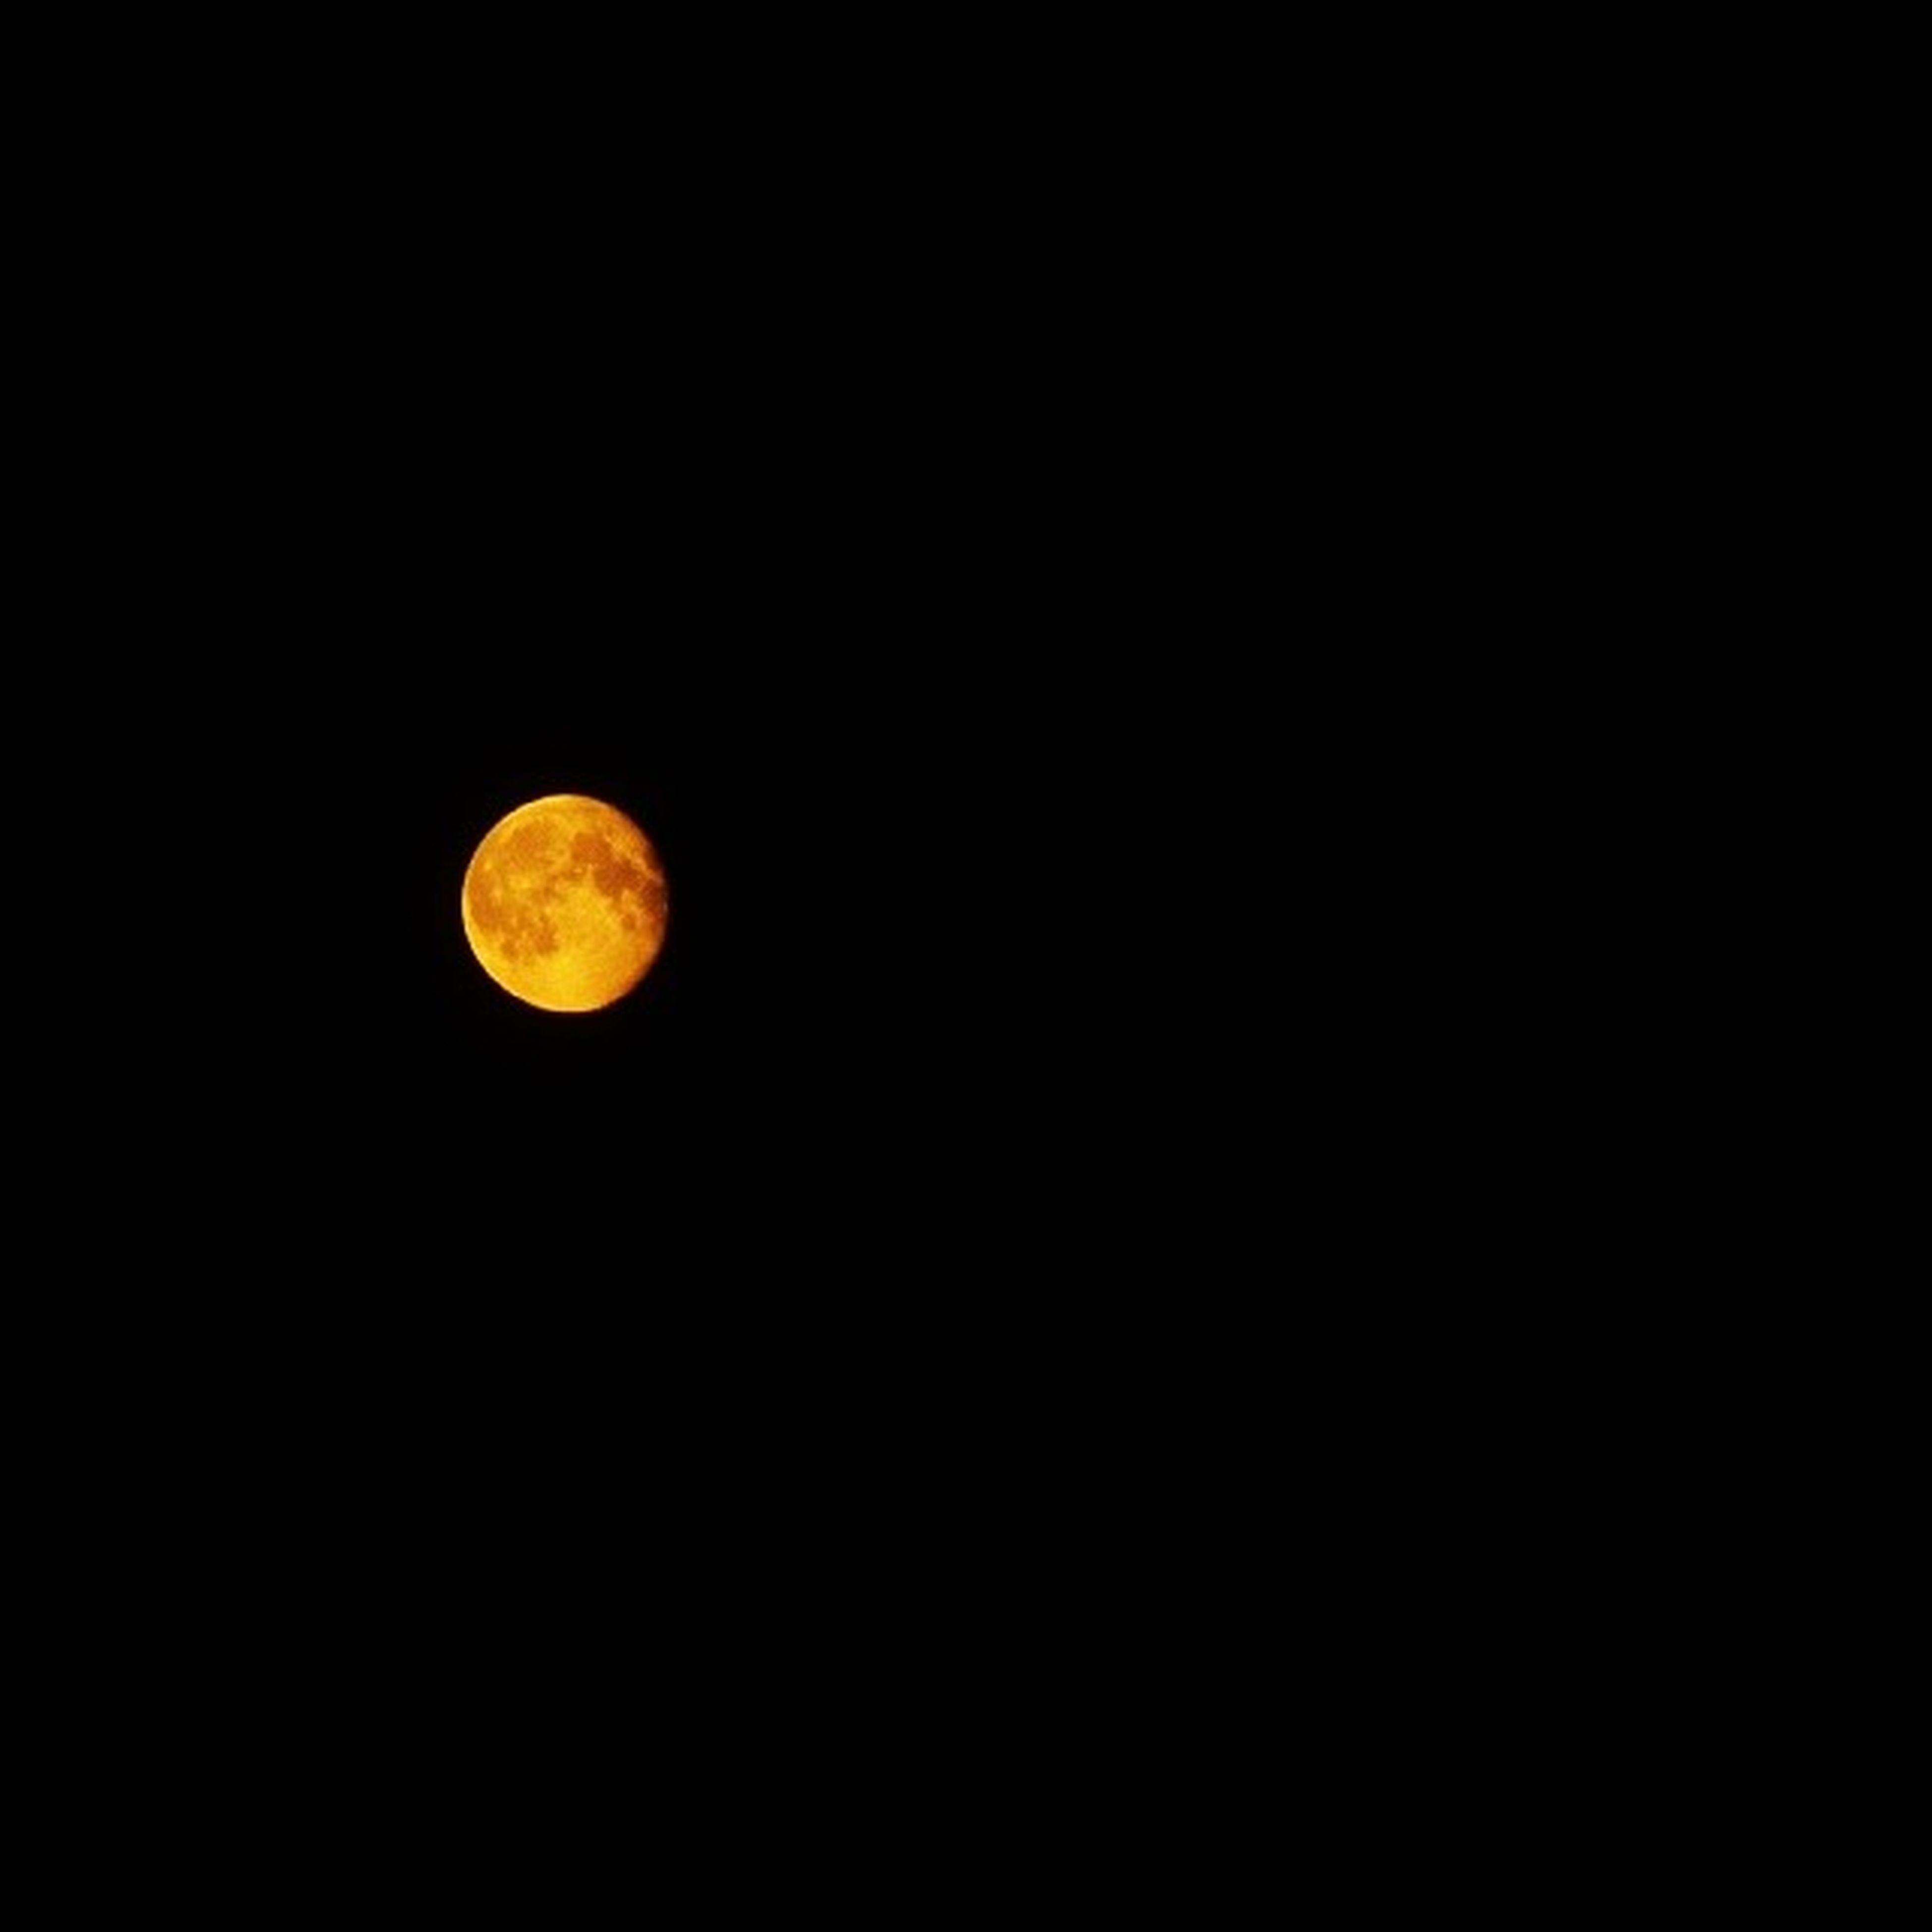 Ночь луна гуляем